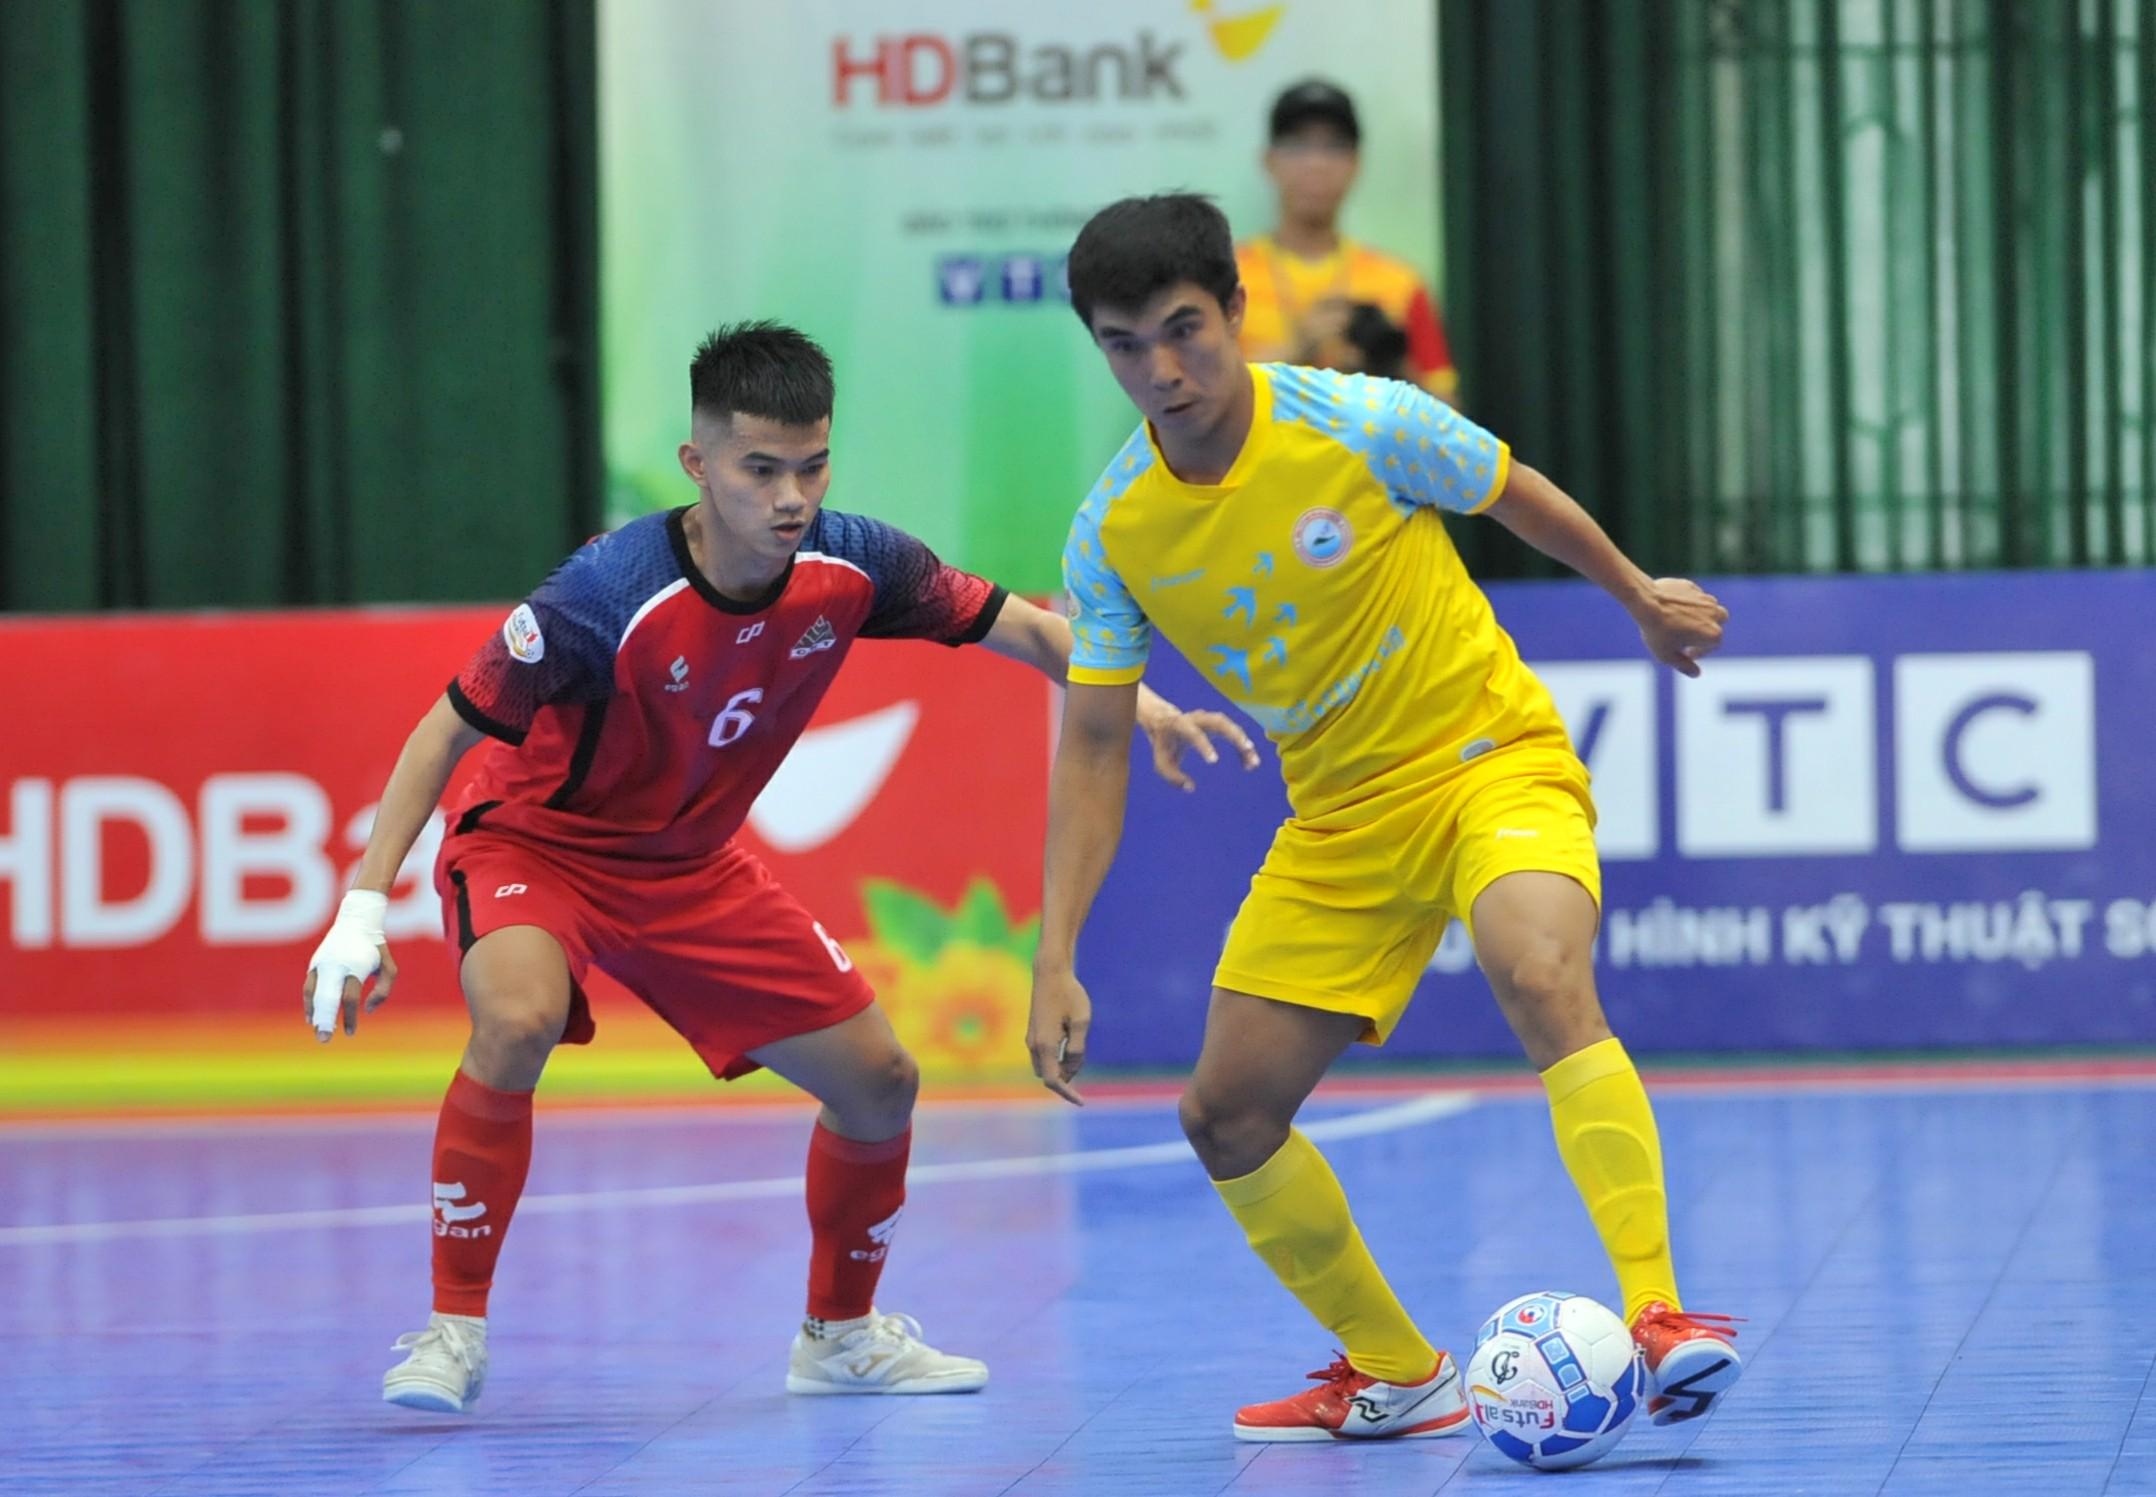 Lượt 16 VCK giải futsal HDBank VĐQG 2019 (ngày 13/9): SS.Khánh Hòa vươn lên nhì bảng